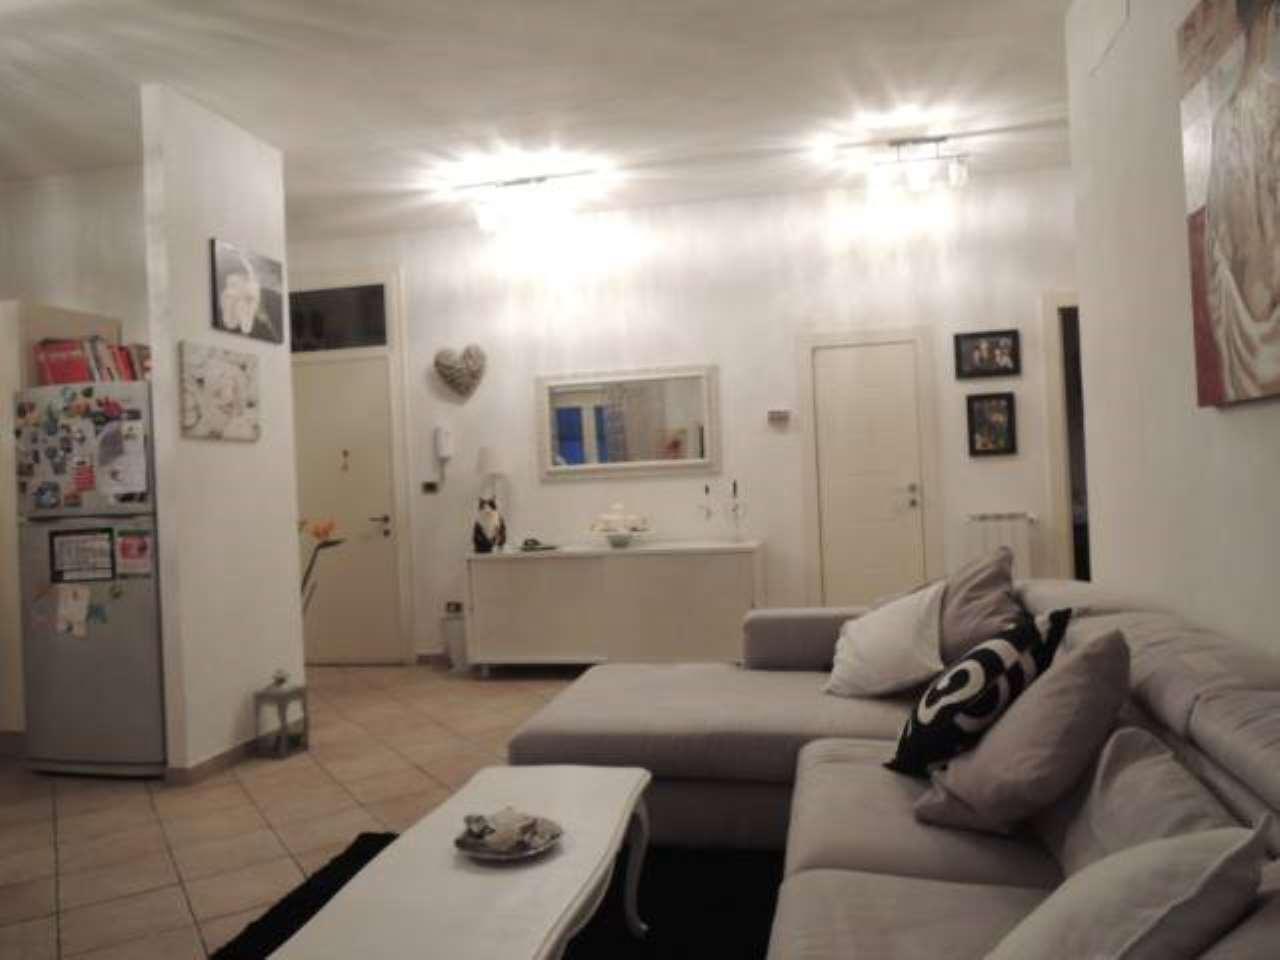 Camera Matrimoniale A Grosseto.Appartamento Con Due Camere Da Letto A Grosseto Cambiocasa It